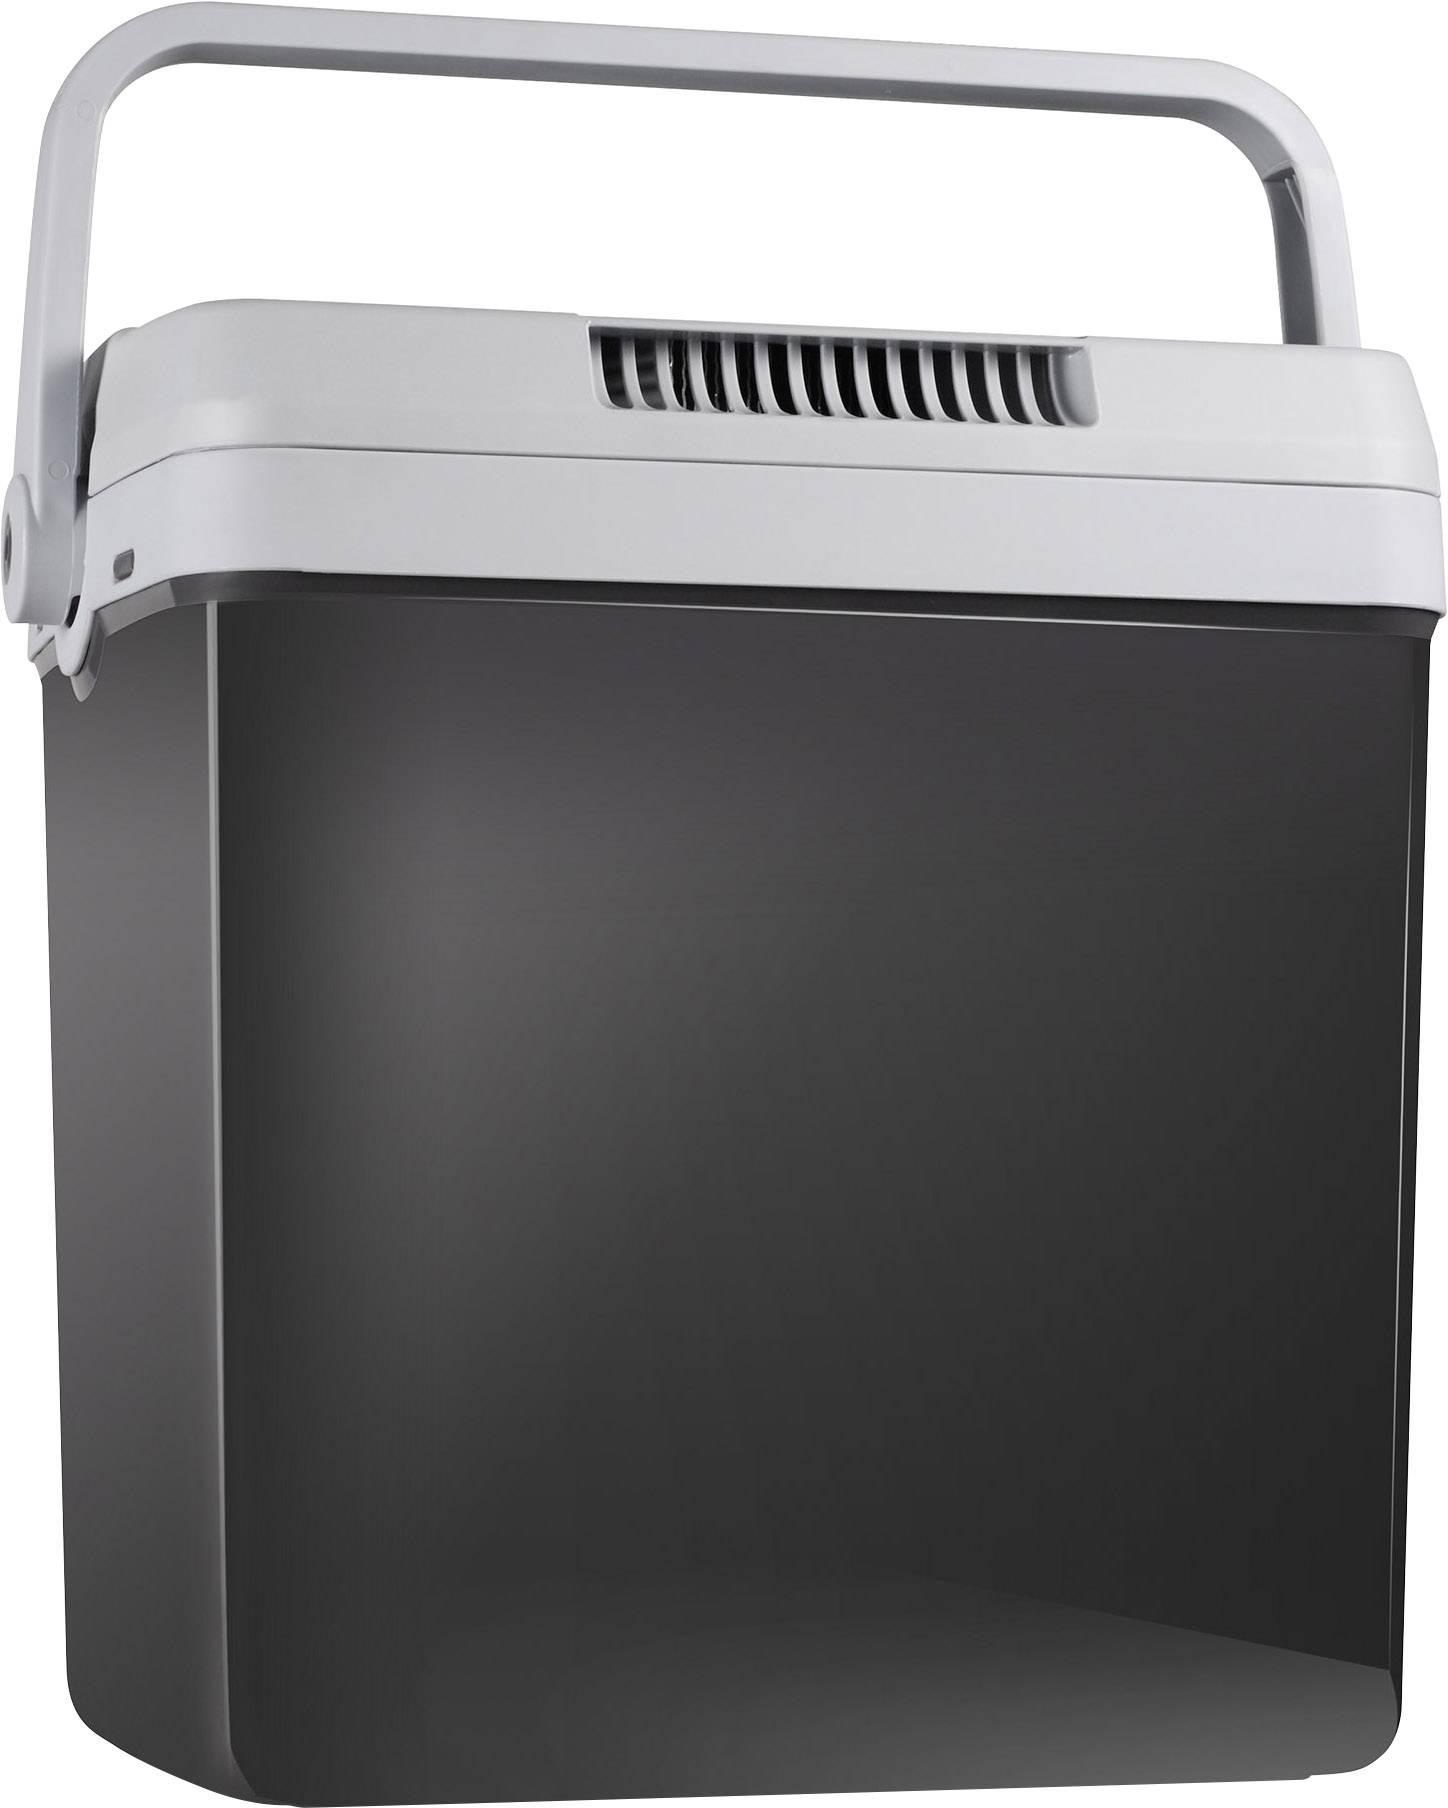 Přenosná lednice (autochladnička) Tristar KB-7532, 12 V, 230 V, 30 l, šedá